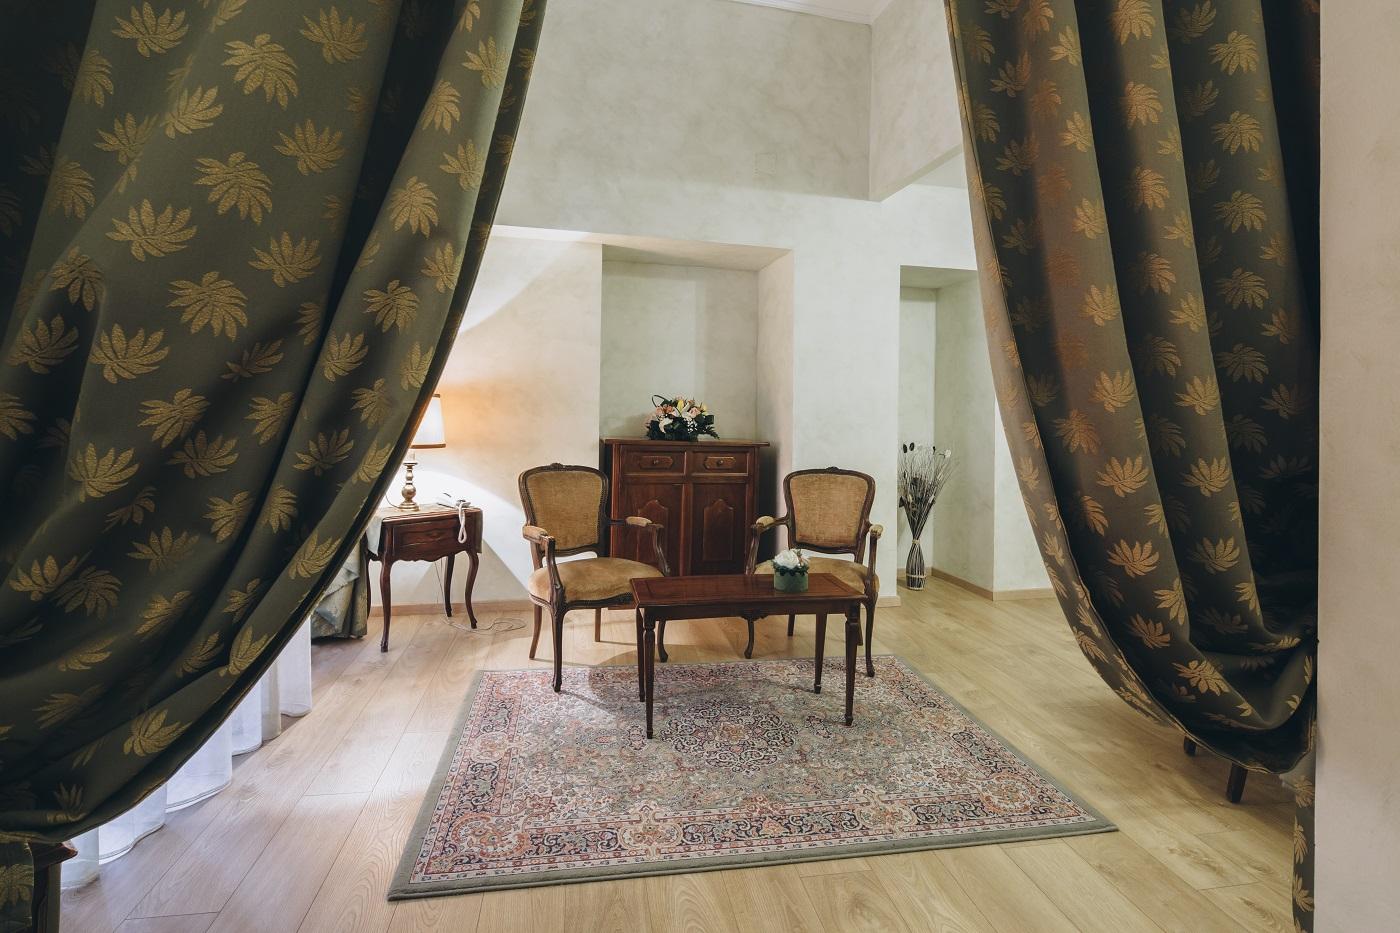 dettaglio-salotto-hotel-roma